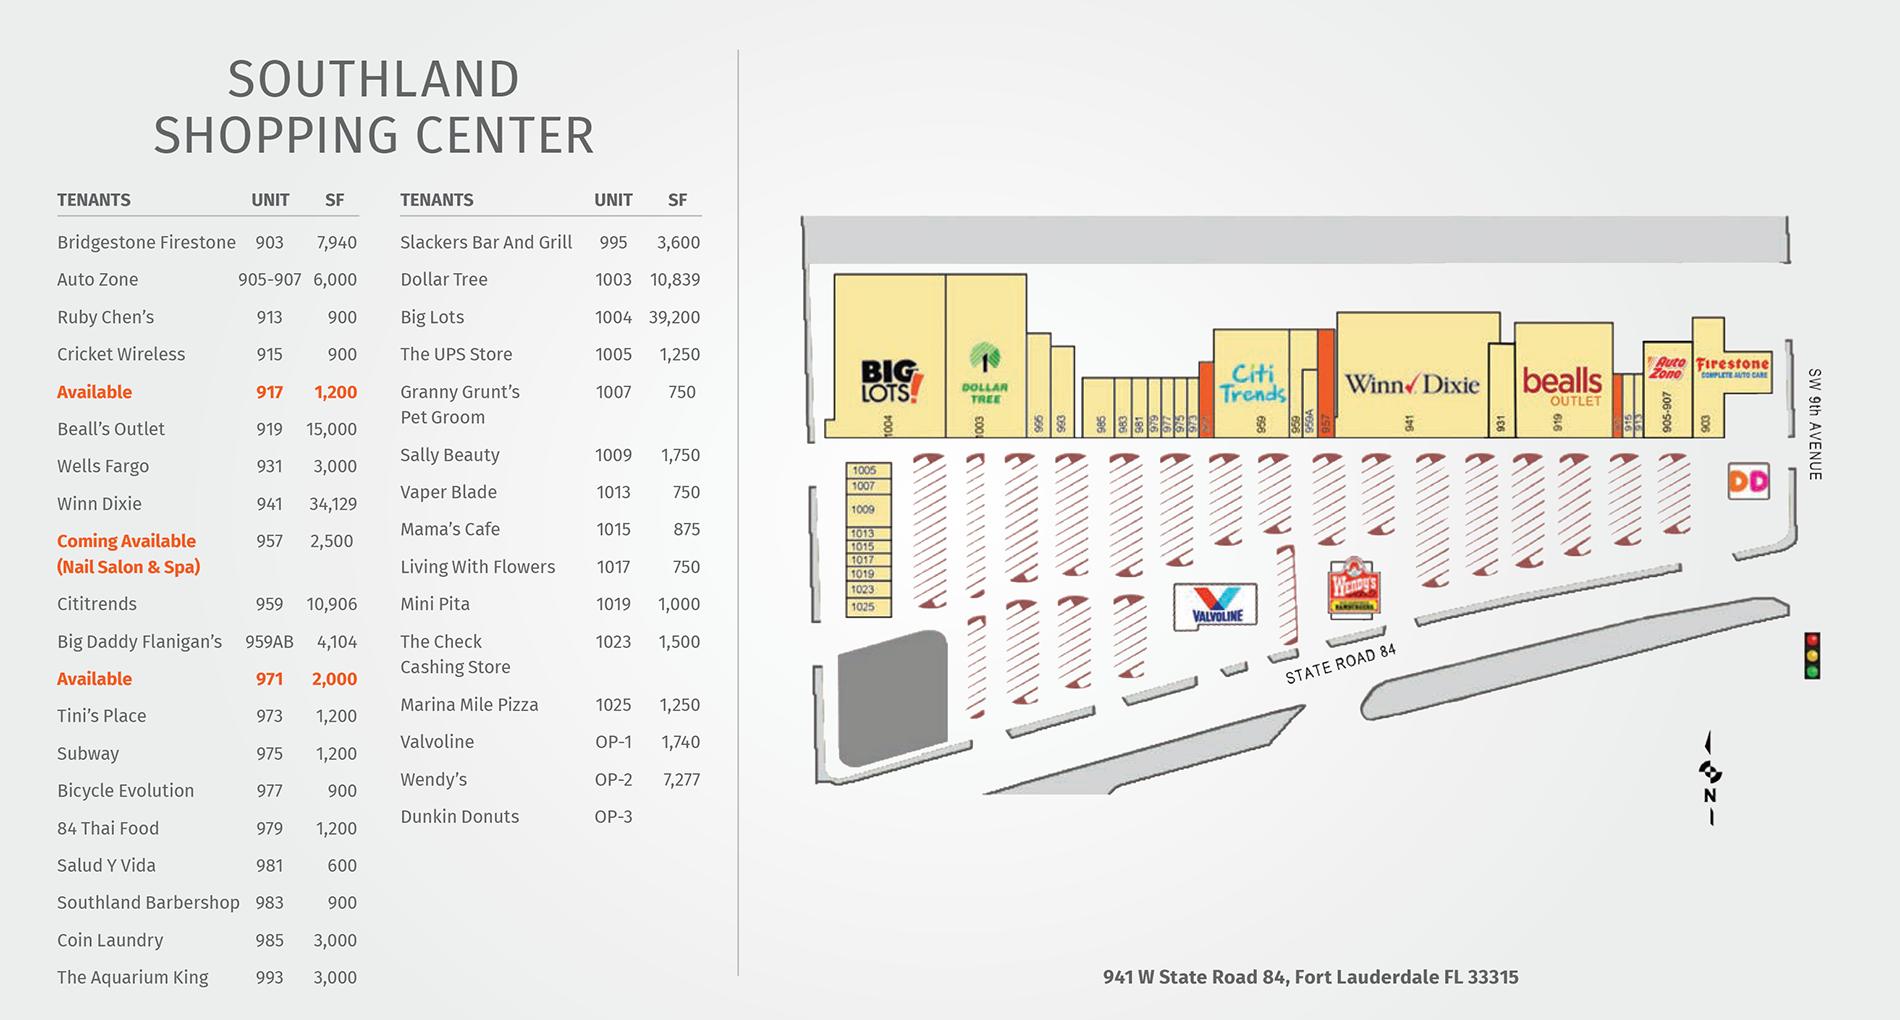 Southland Shopping Center